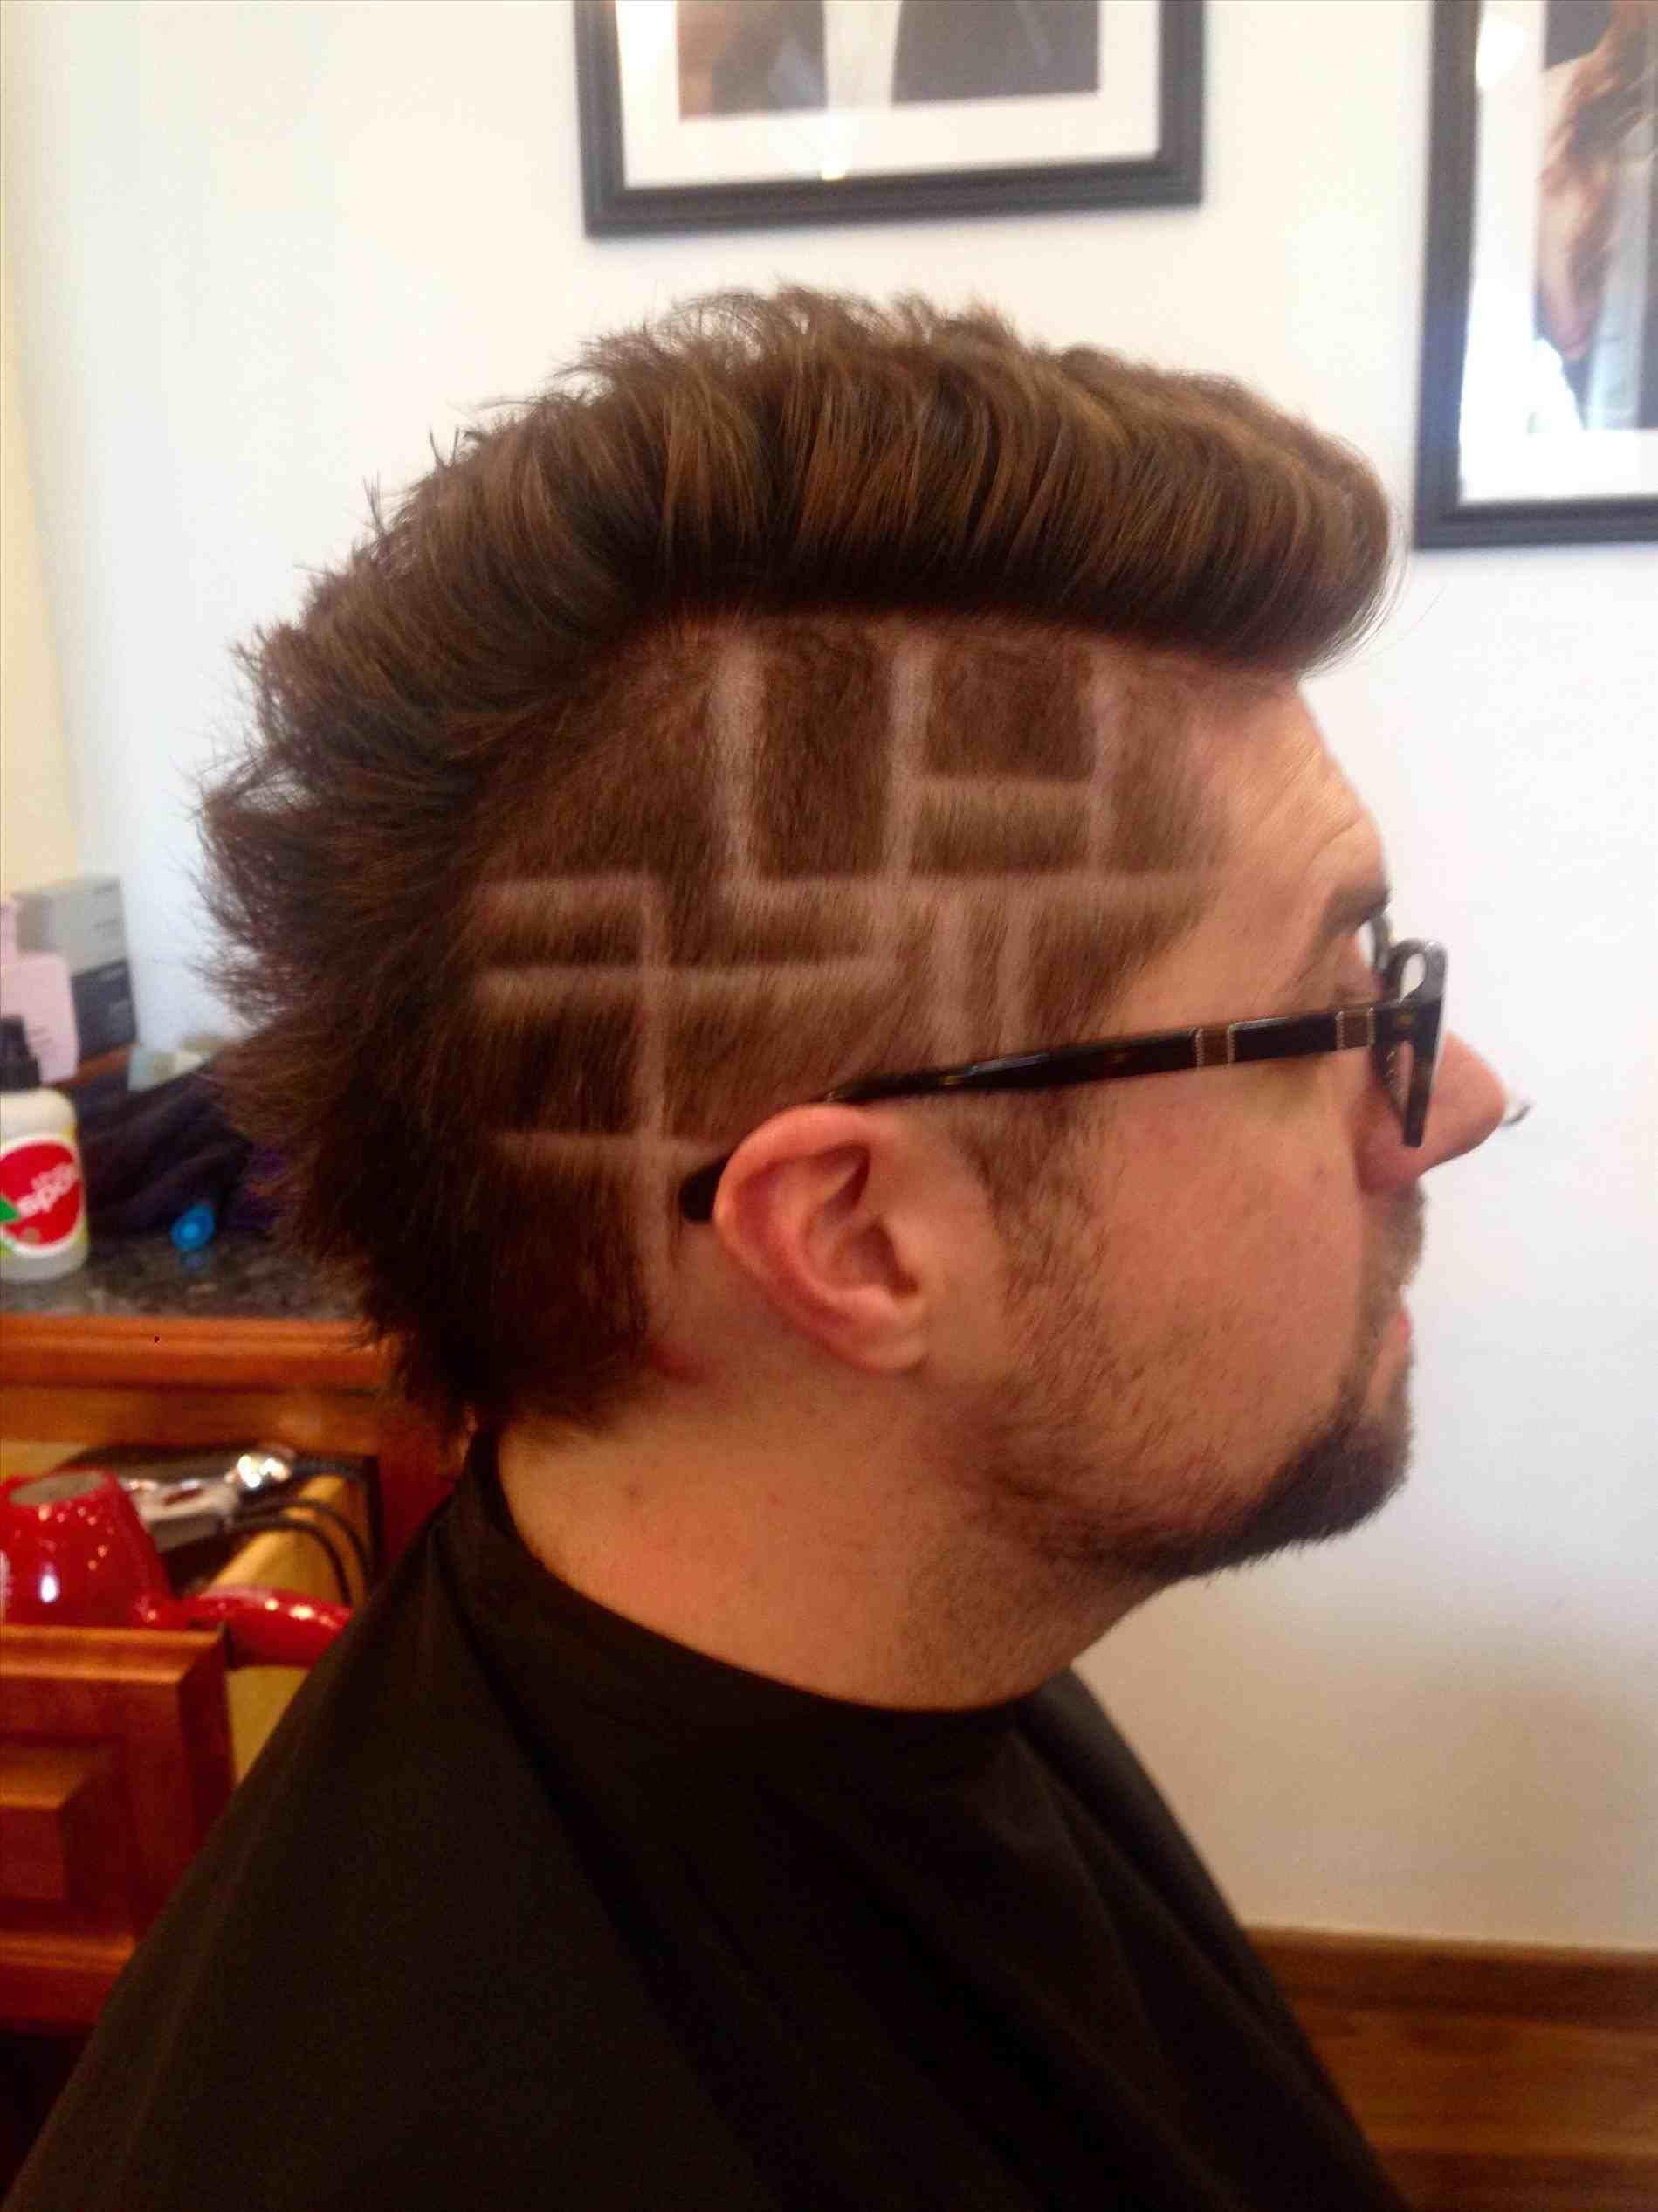 haircut designs men fresh luxury hair cuts design  haircut designs